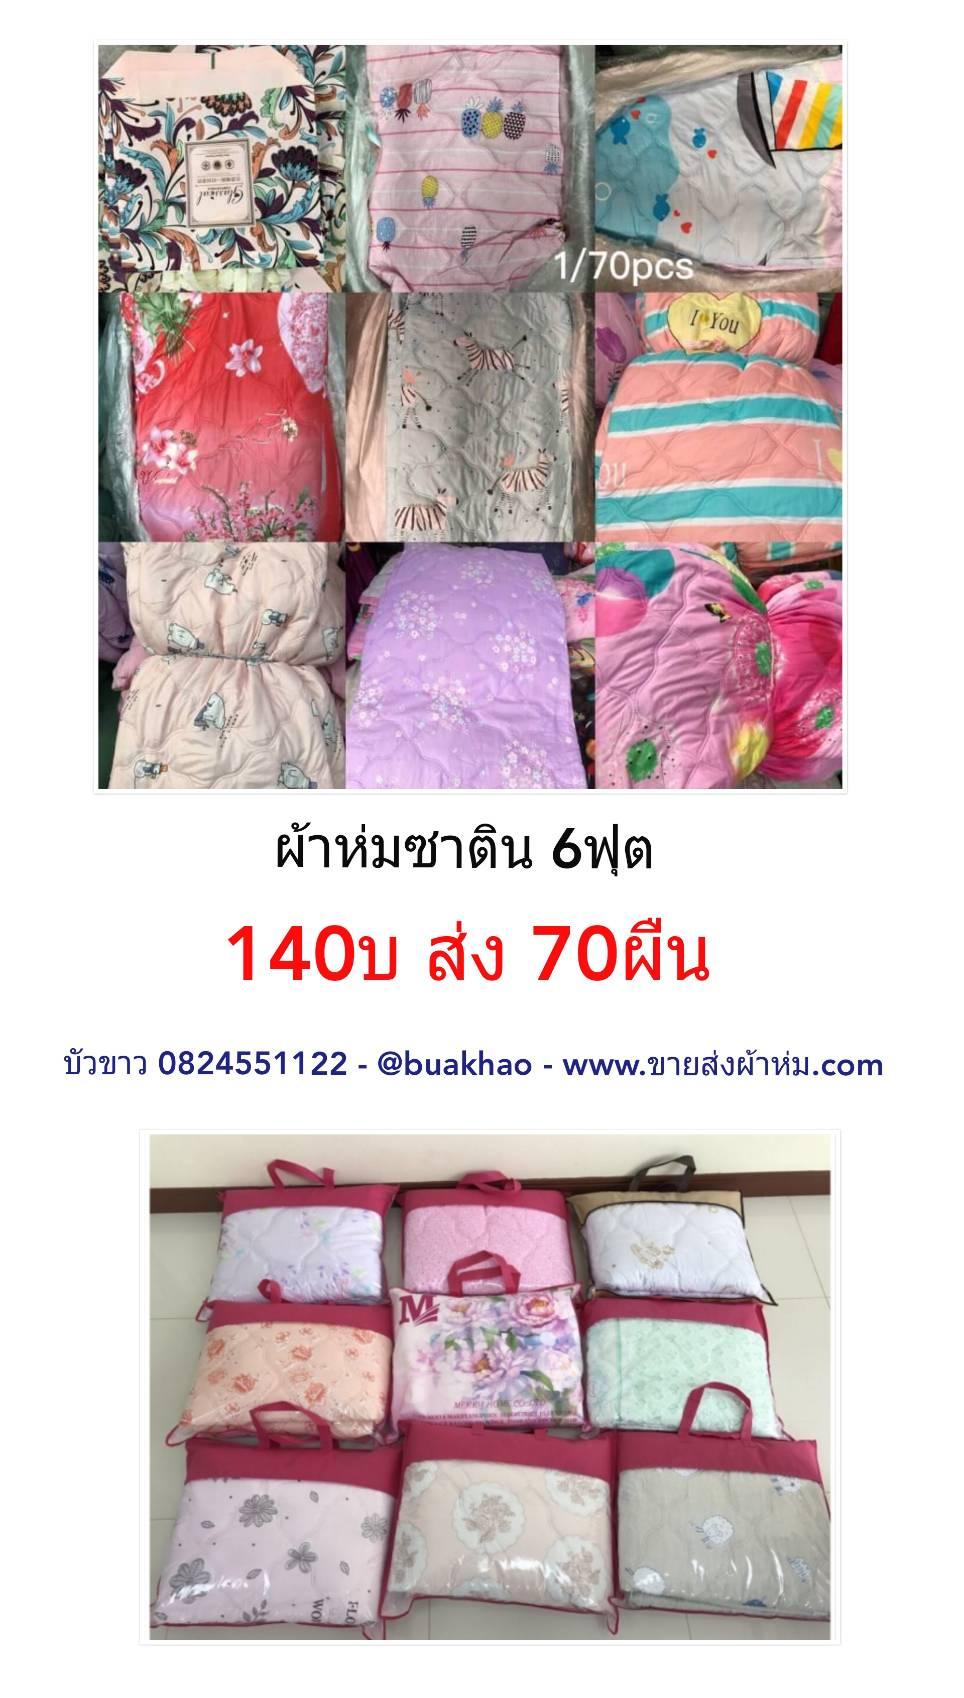 ผ้าห่มนวม ซาตินใ 6ฟุต ผืนละ 140 บาท ส่ง 70ผืน